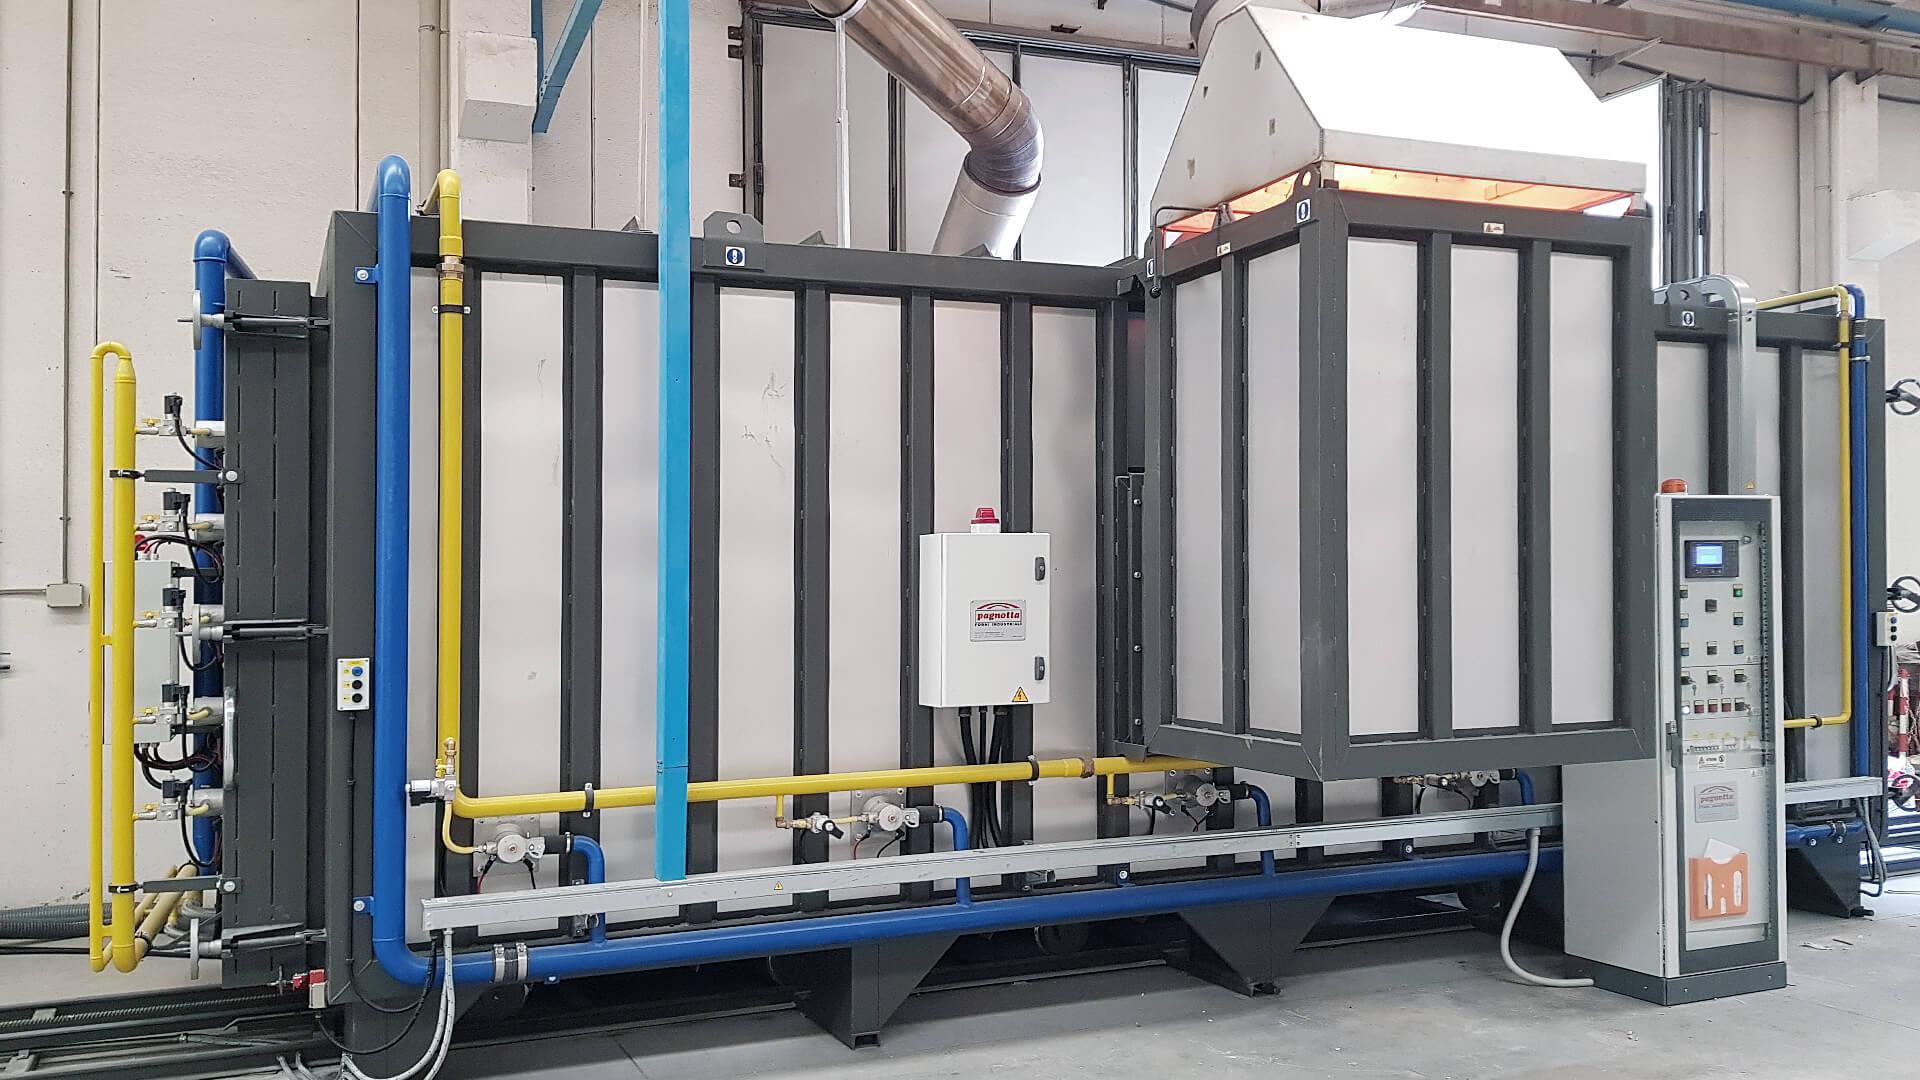 Forno industriale per Forno intermittente per 1380°C | Pagnotta Termomeccanica